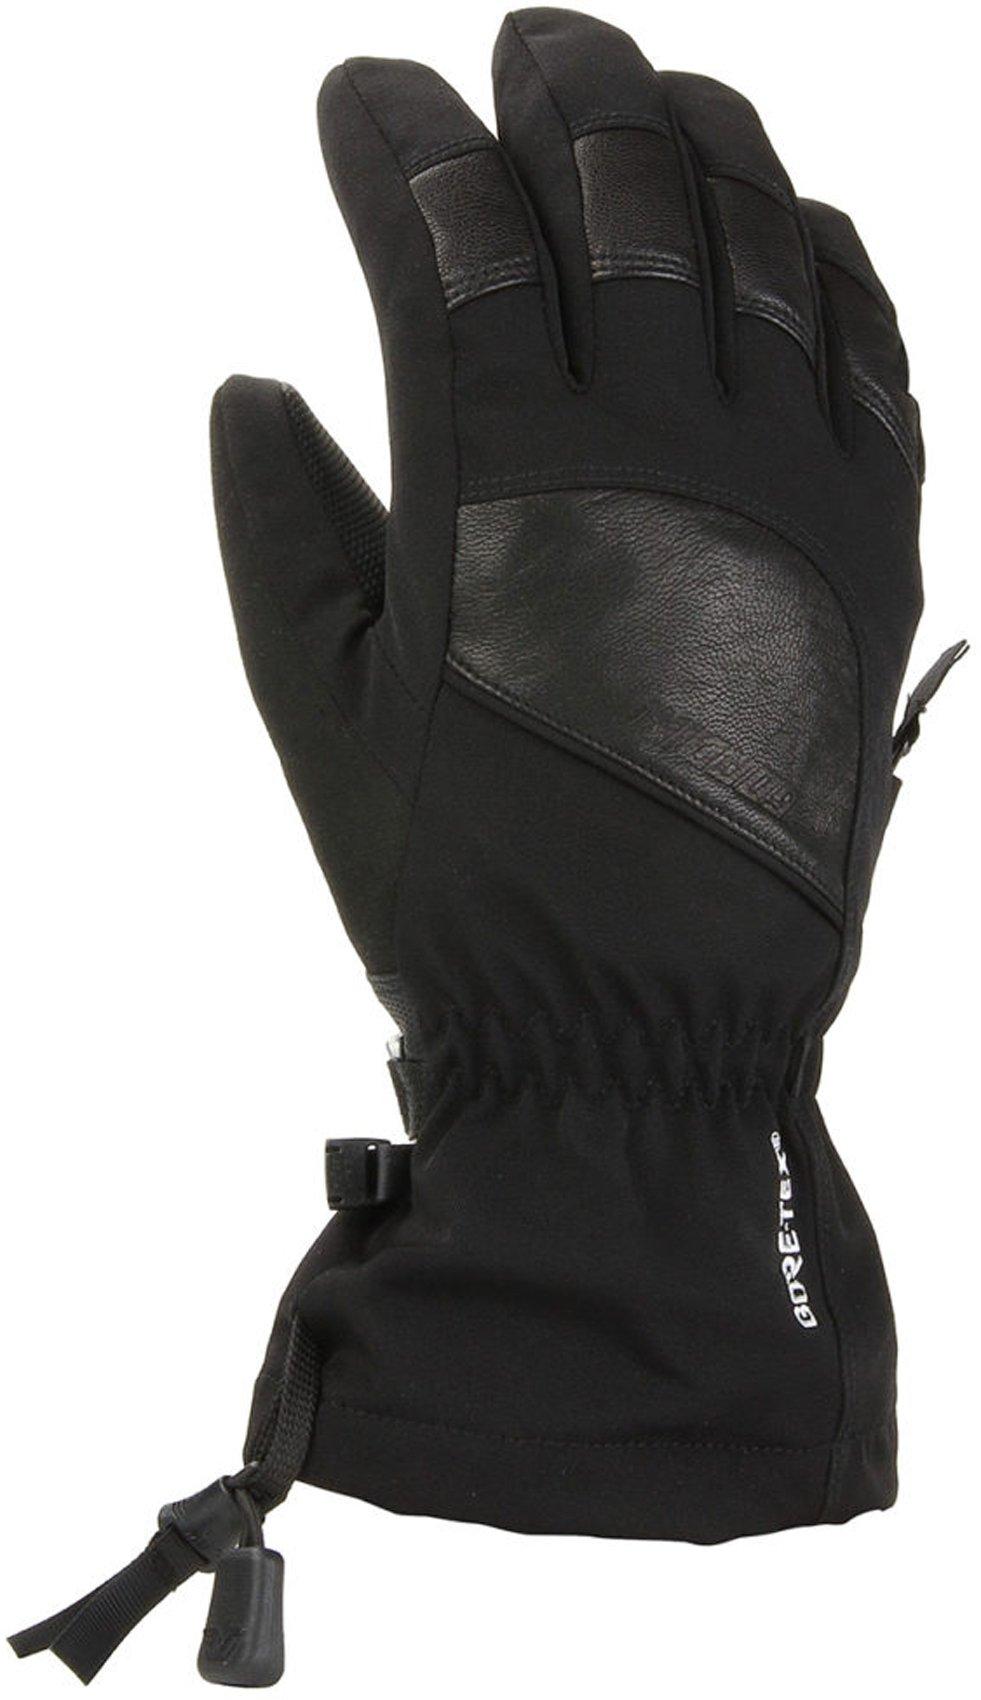 Gordini GTX Down III Glove - Women's